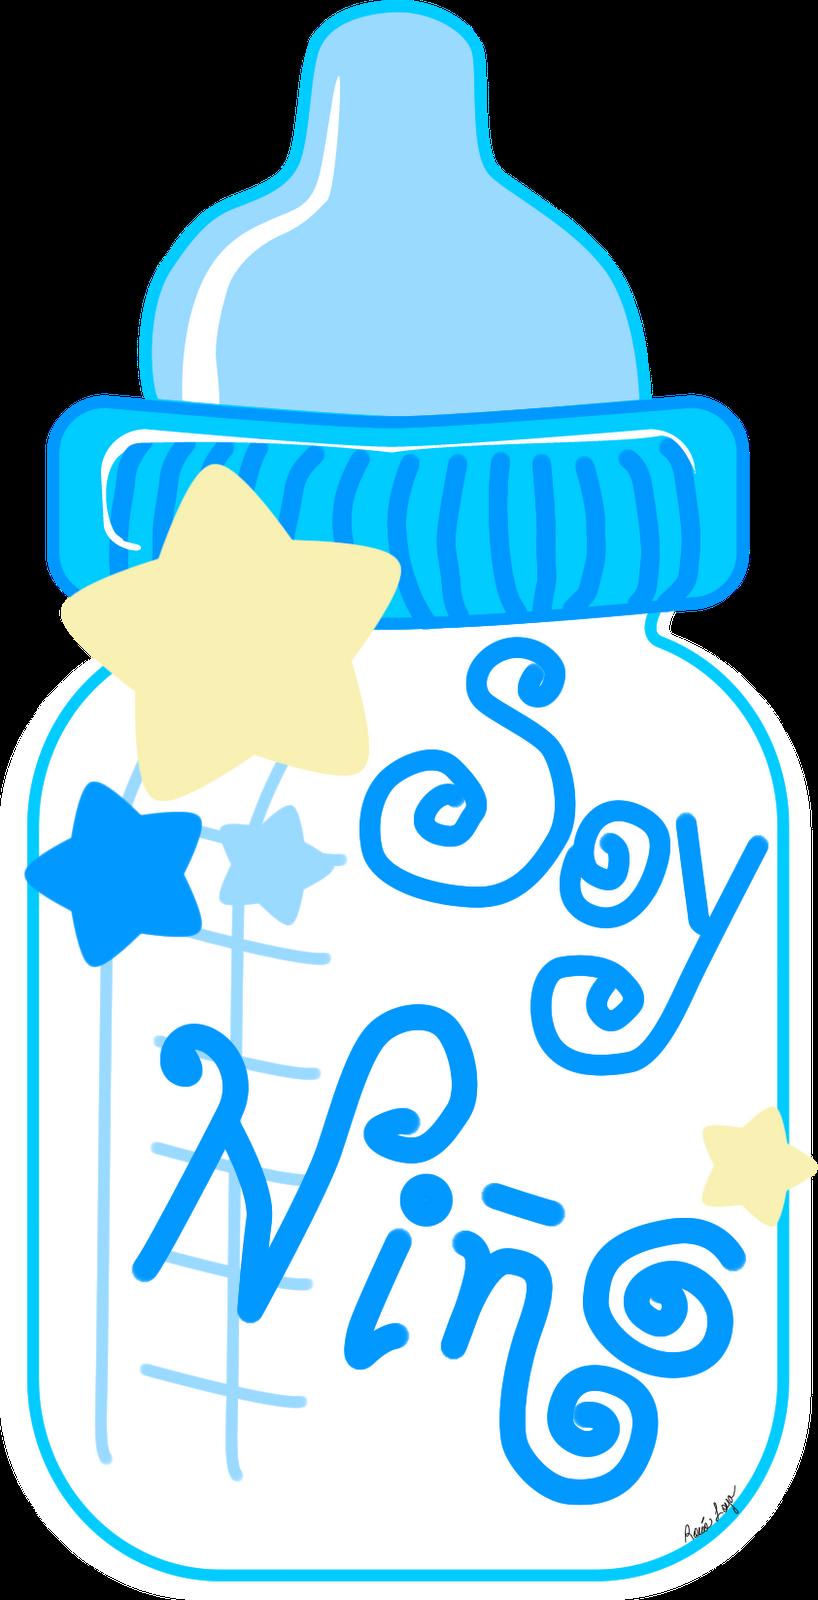 Baby Shower Buscar Con Google Transfers Imagenes Etc Baby Boy